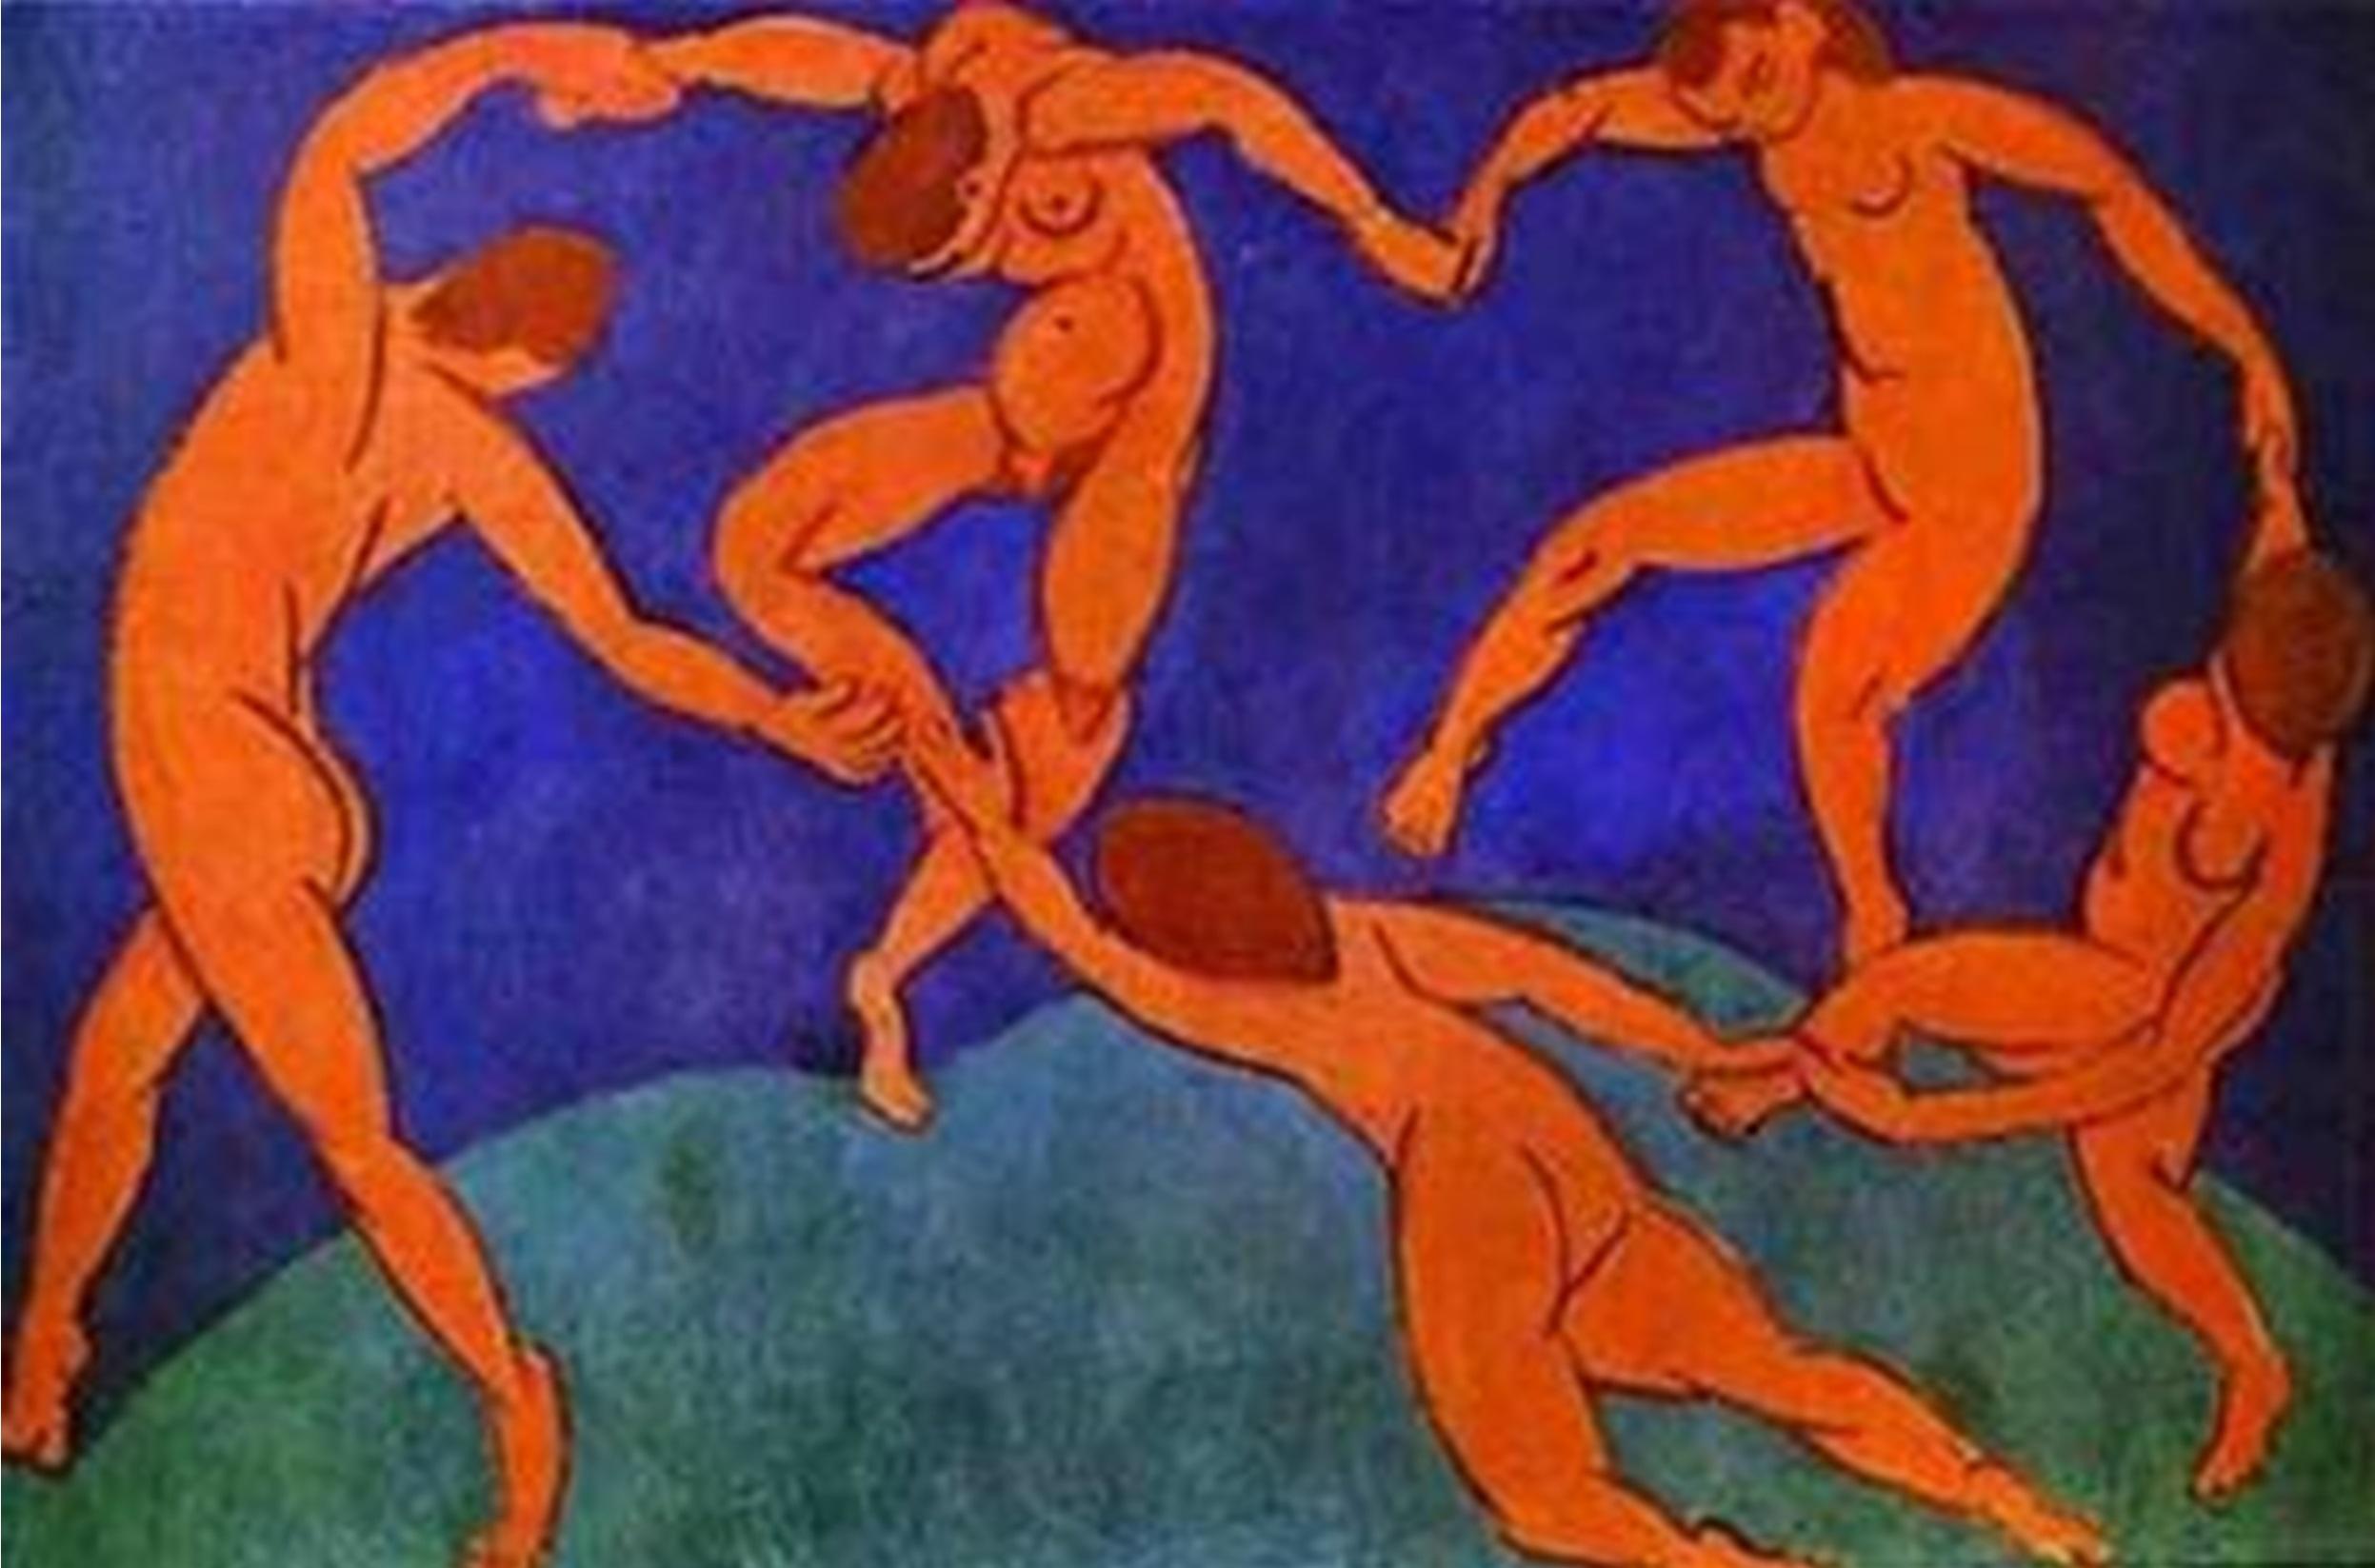 «Танец». Анри Матисс,1910 г. фото взято с сайта